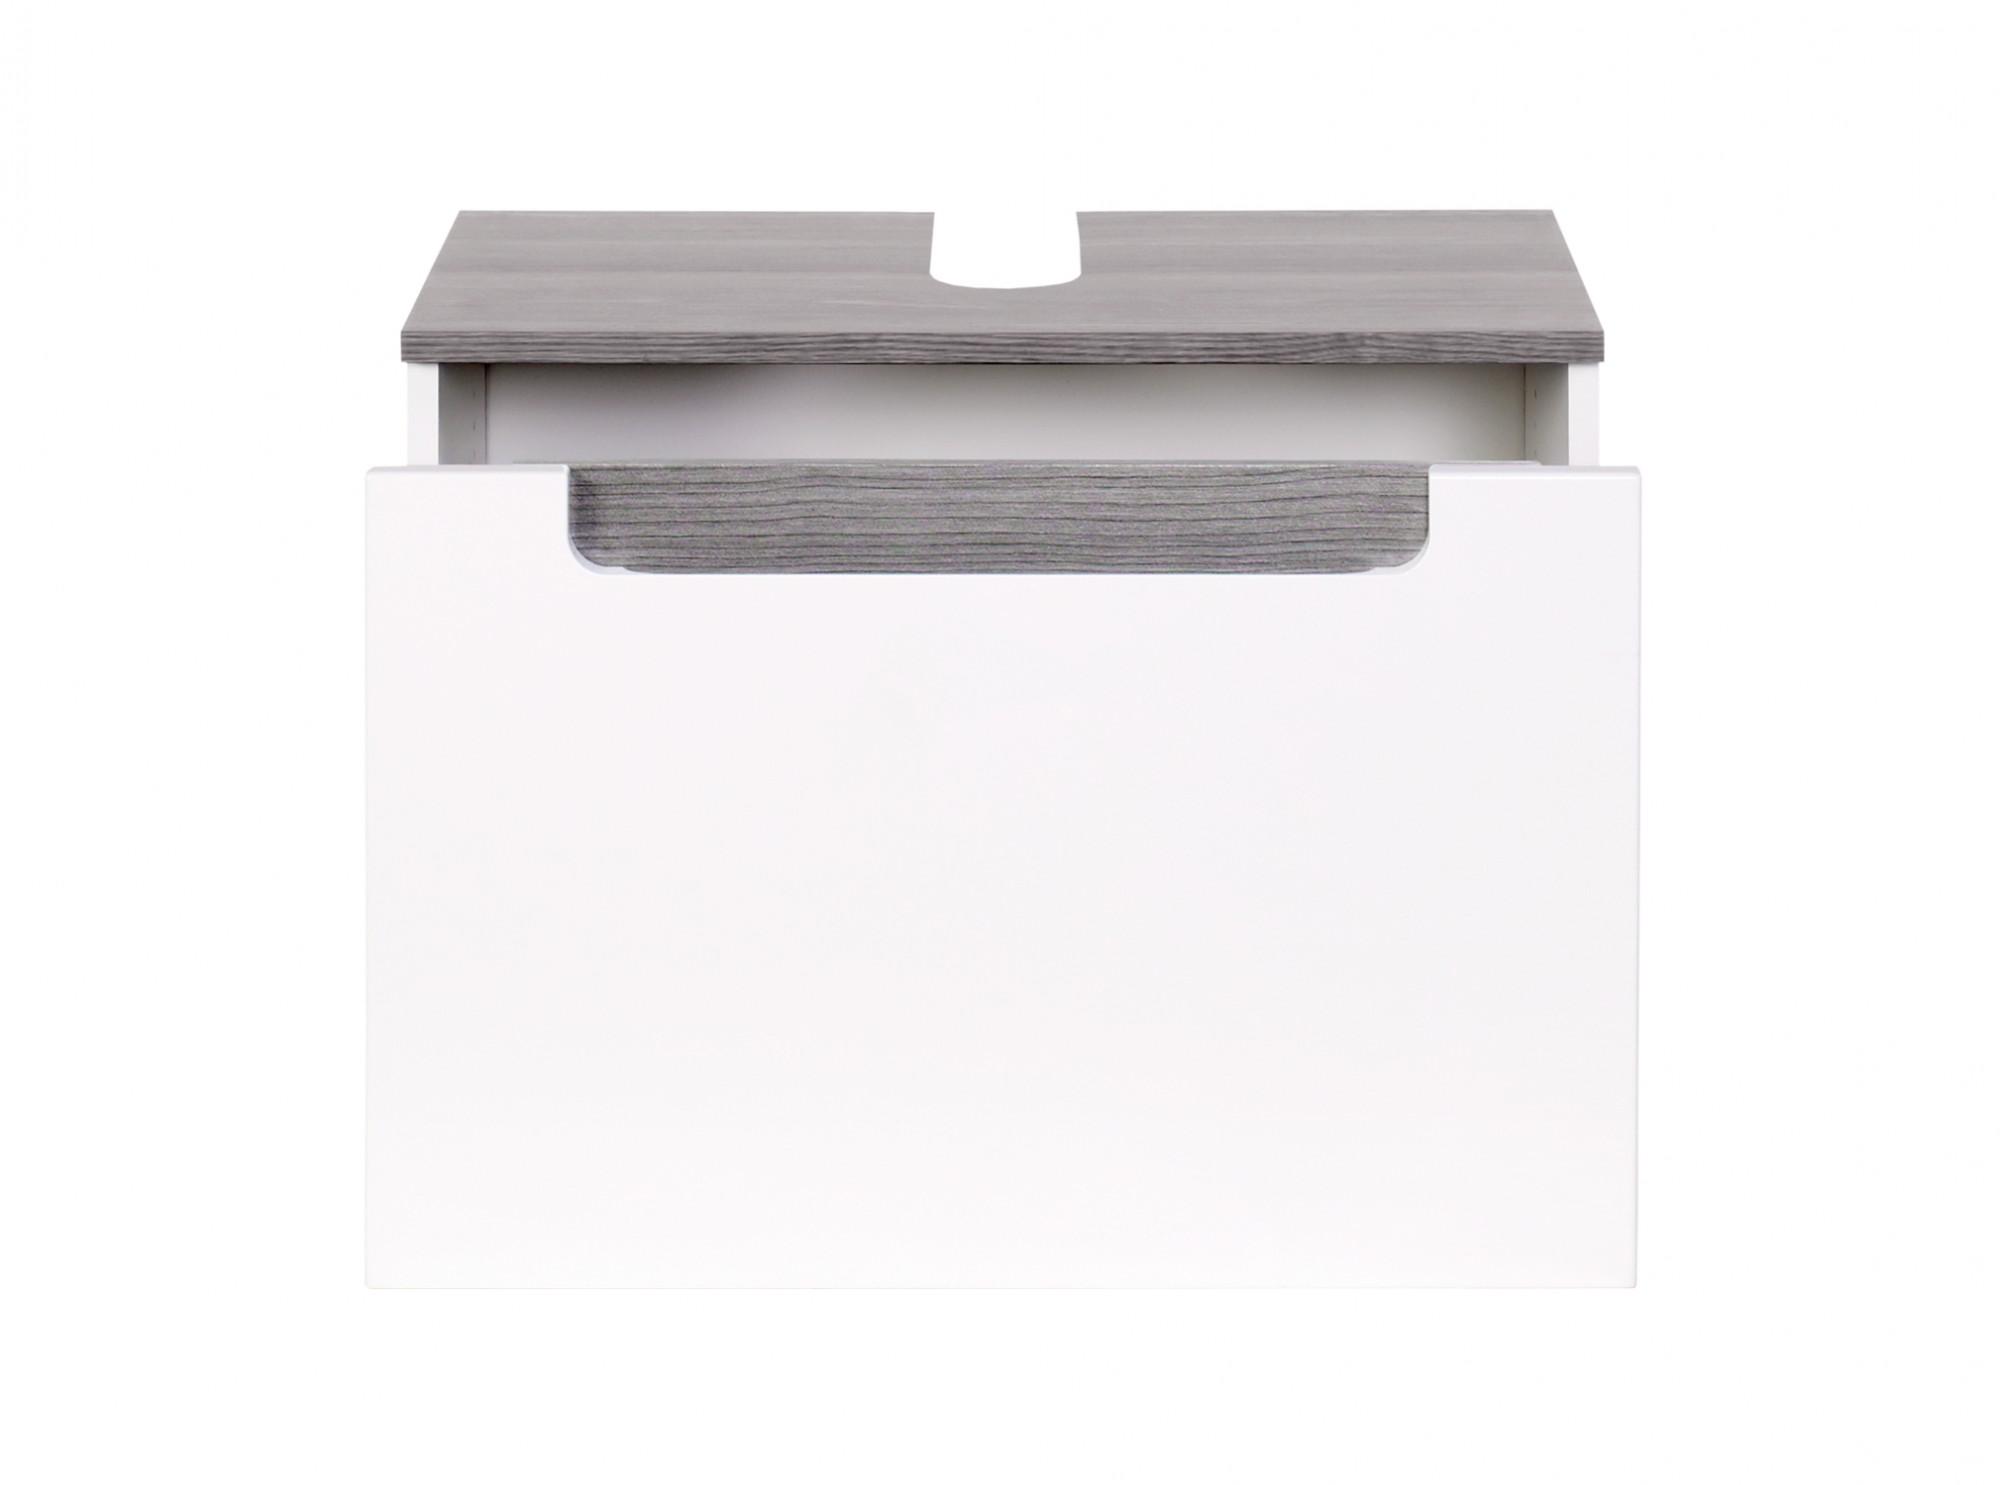 waschbeckenunterschrank 50 cm breit ebenbild das wirklich. Black Bedroom Furniture Sets. Home Design Ideas